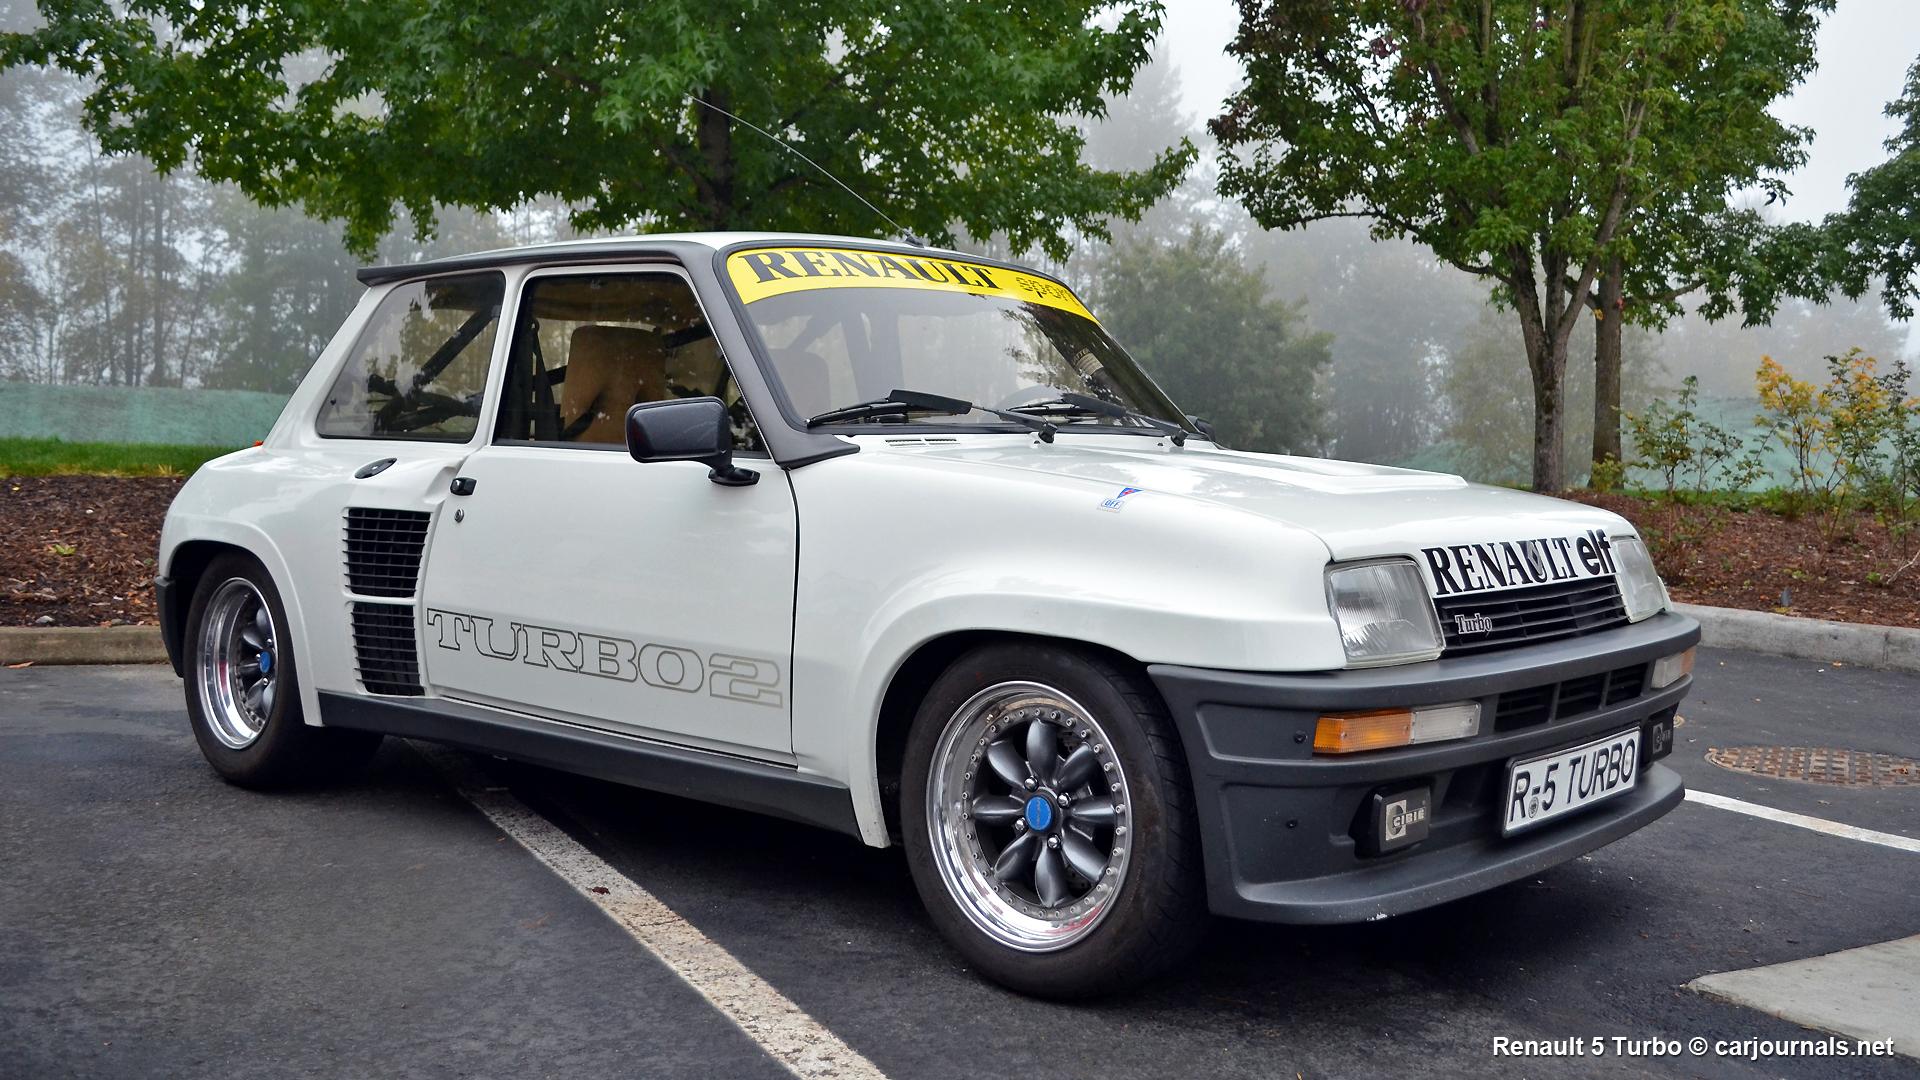 Hd Car Wallpaper Renault 5 Turbo Car Journals